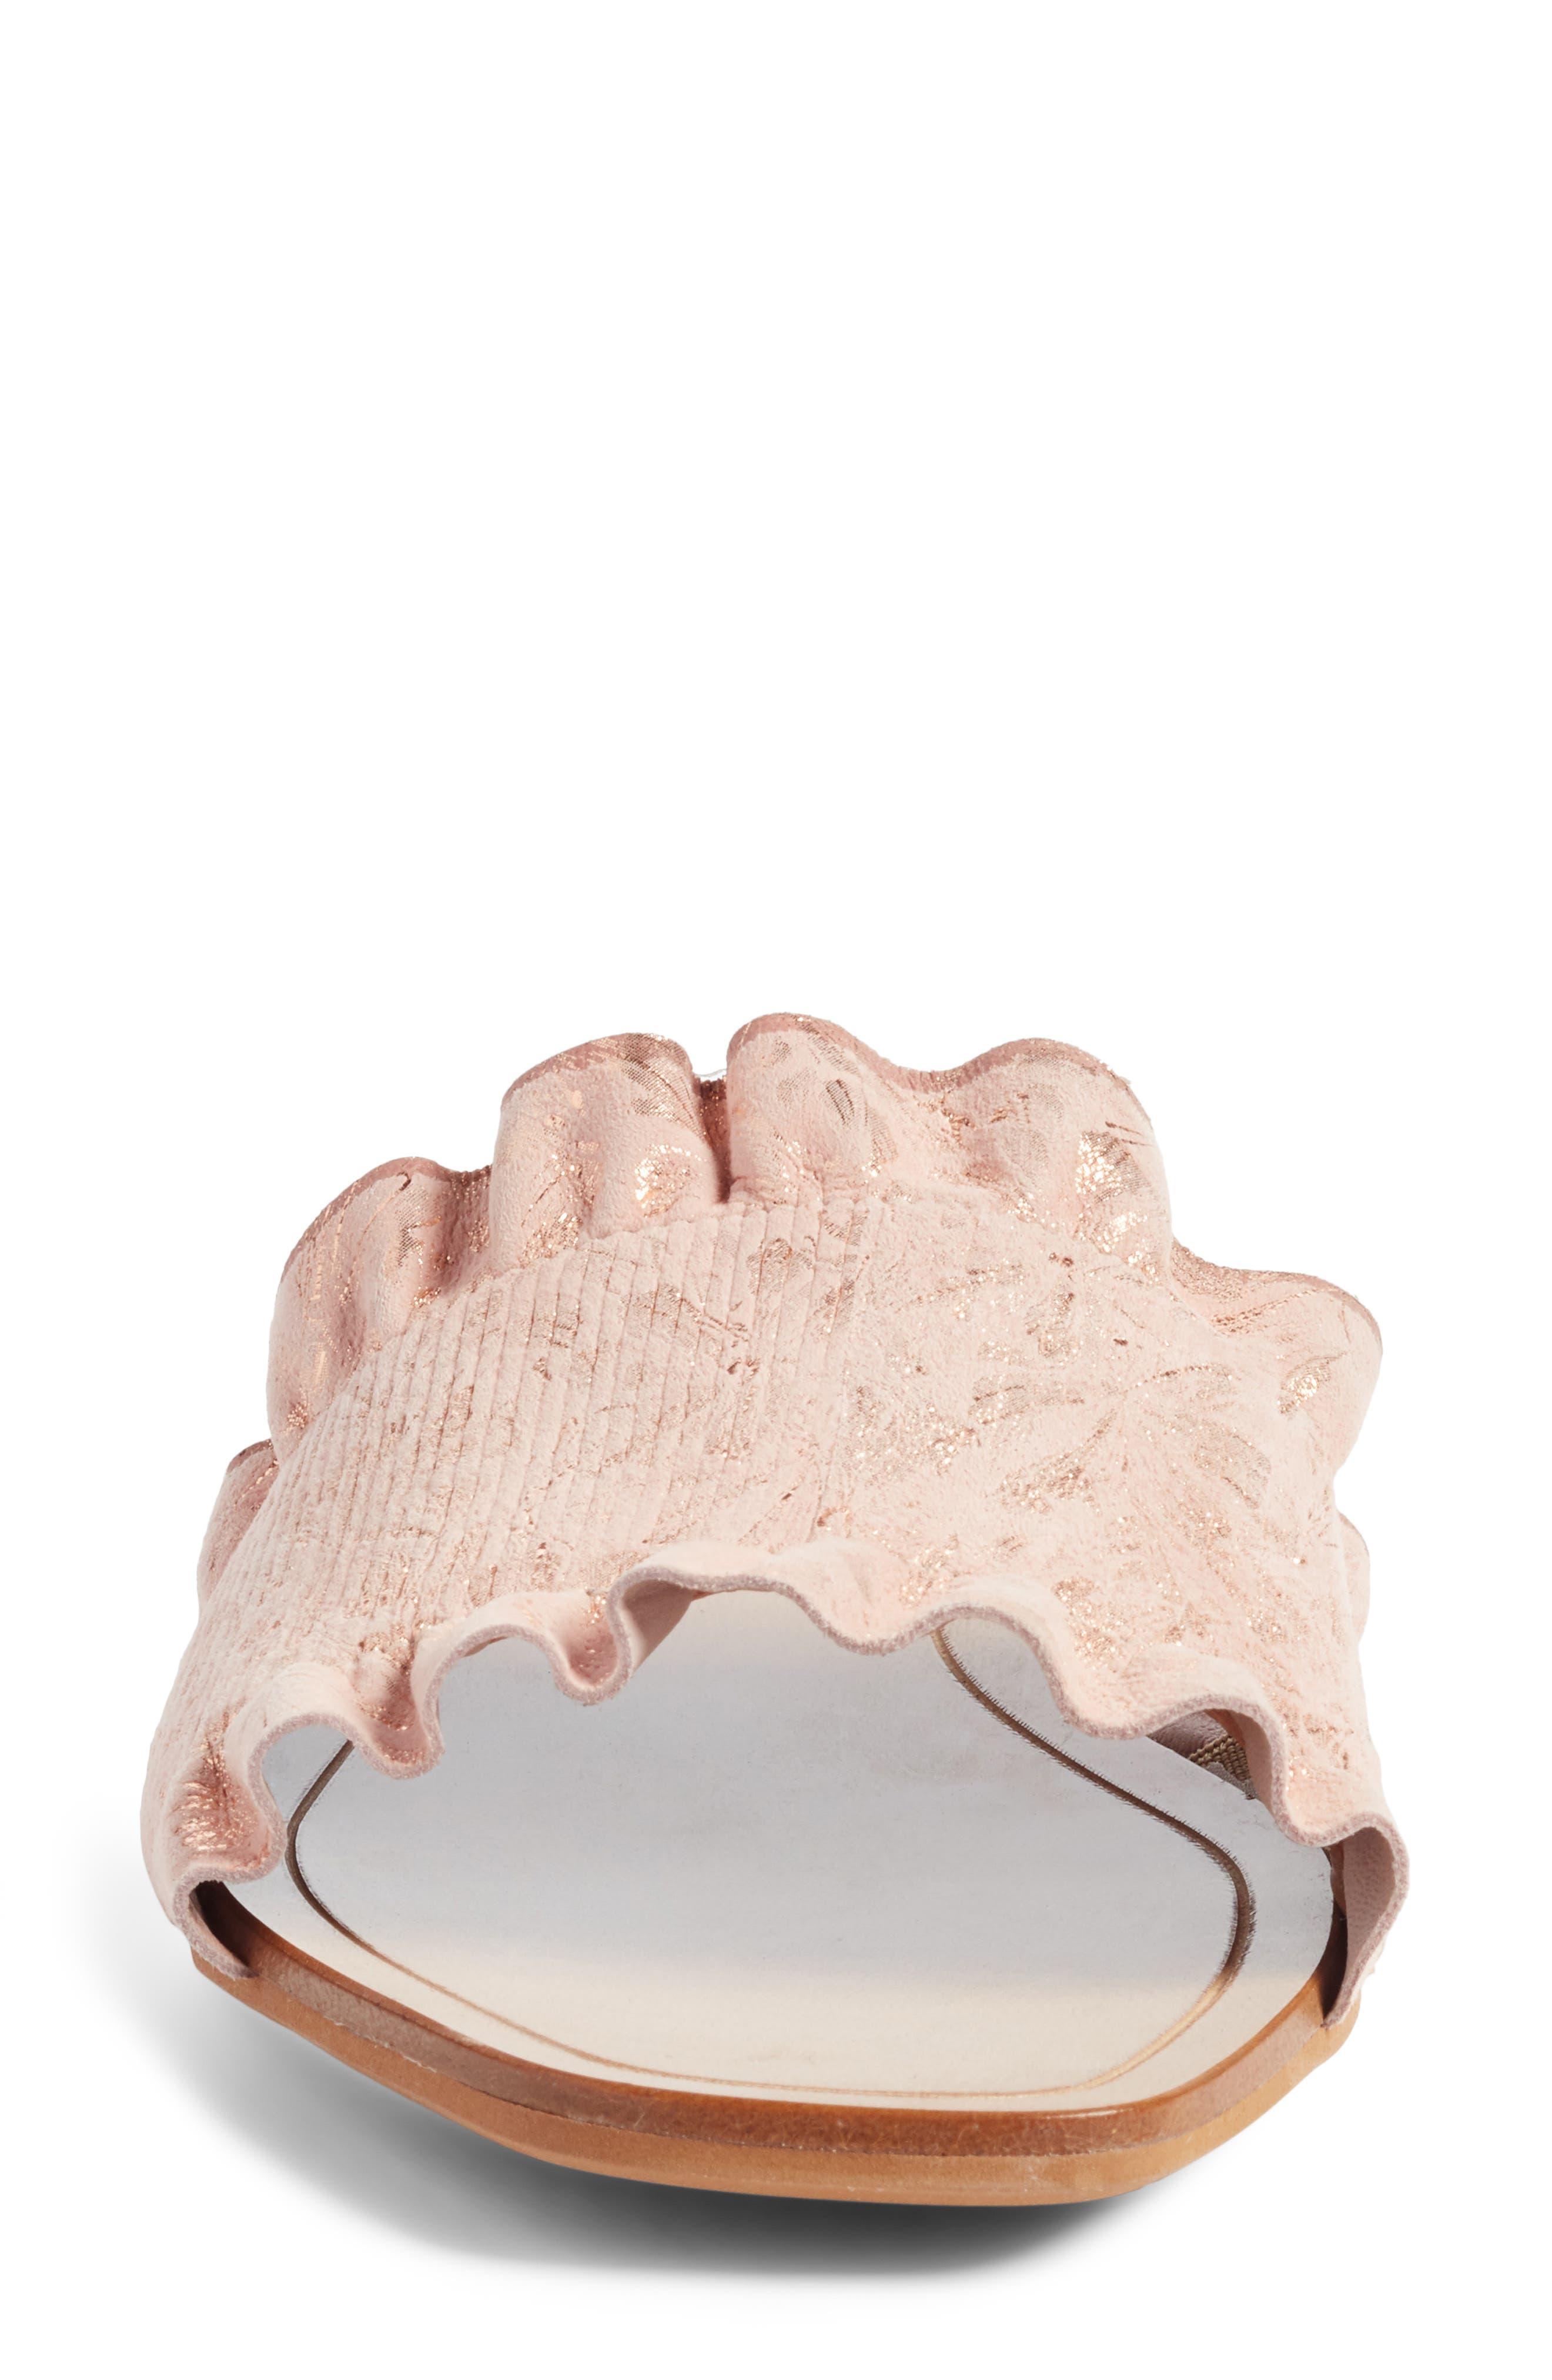 Cassandra Ruffle Slide Sandal,                             Alternate thumbnail 4, color,                             Rose Gold Leather